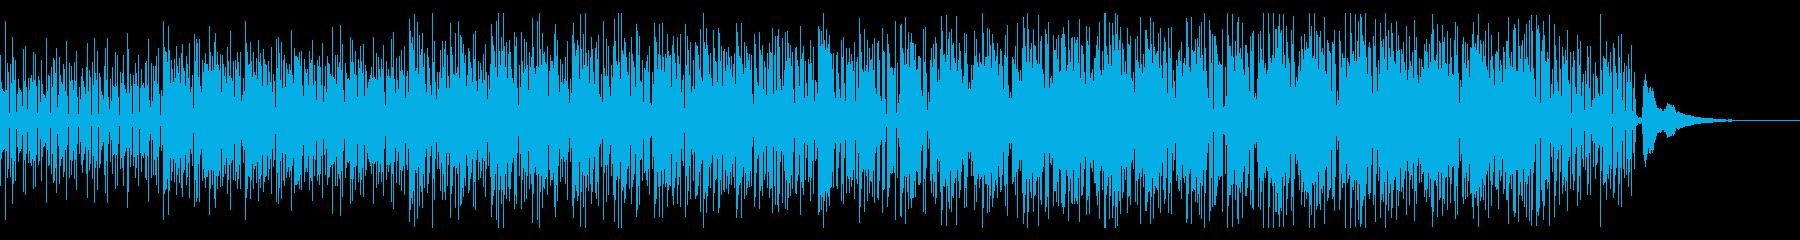 クラシックギターとピアノのボサノバ風Aの再生済みの波形